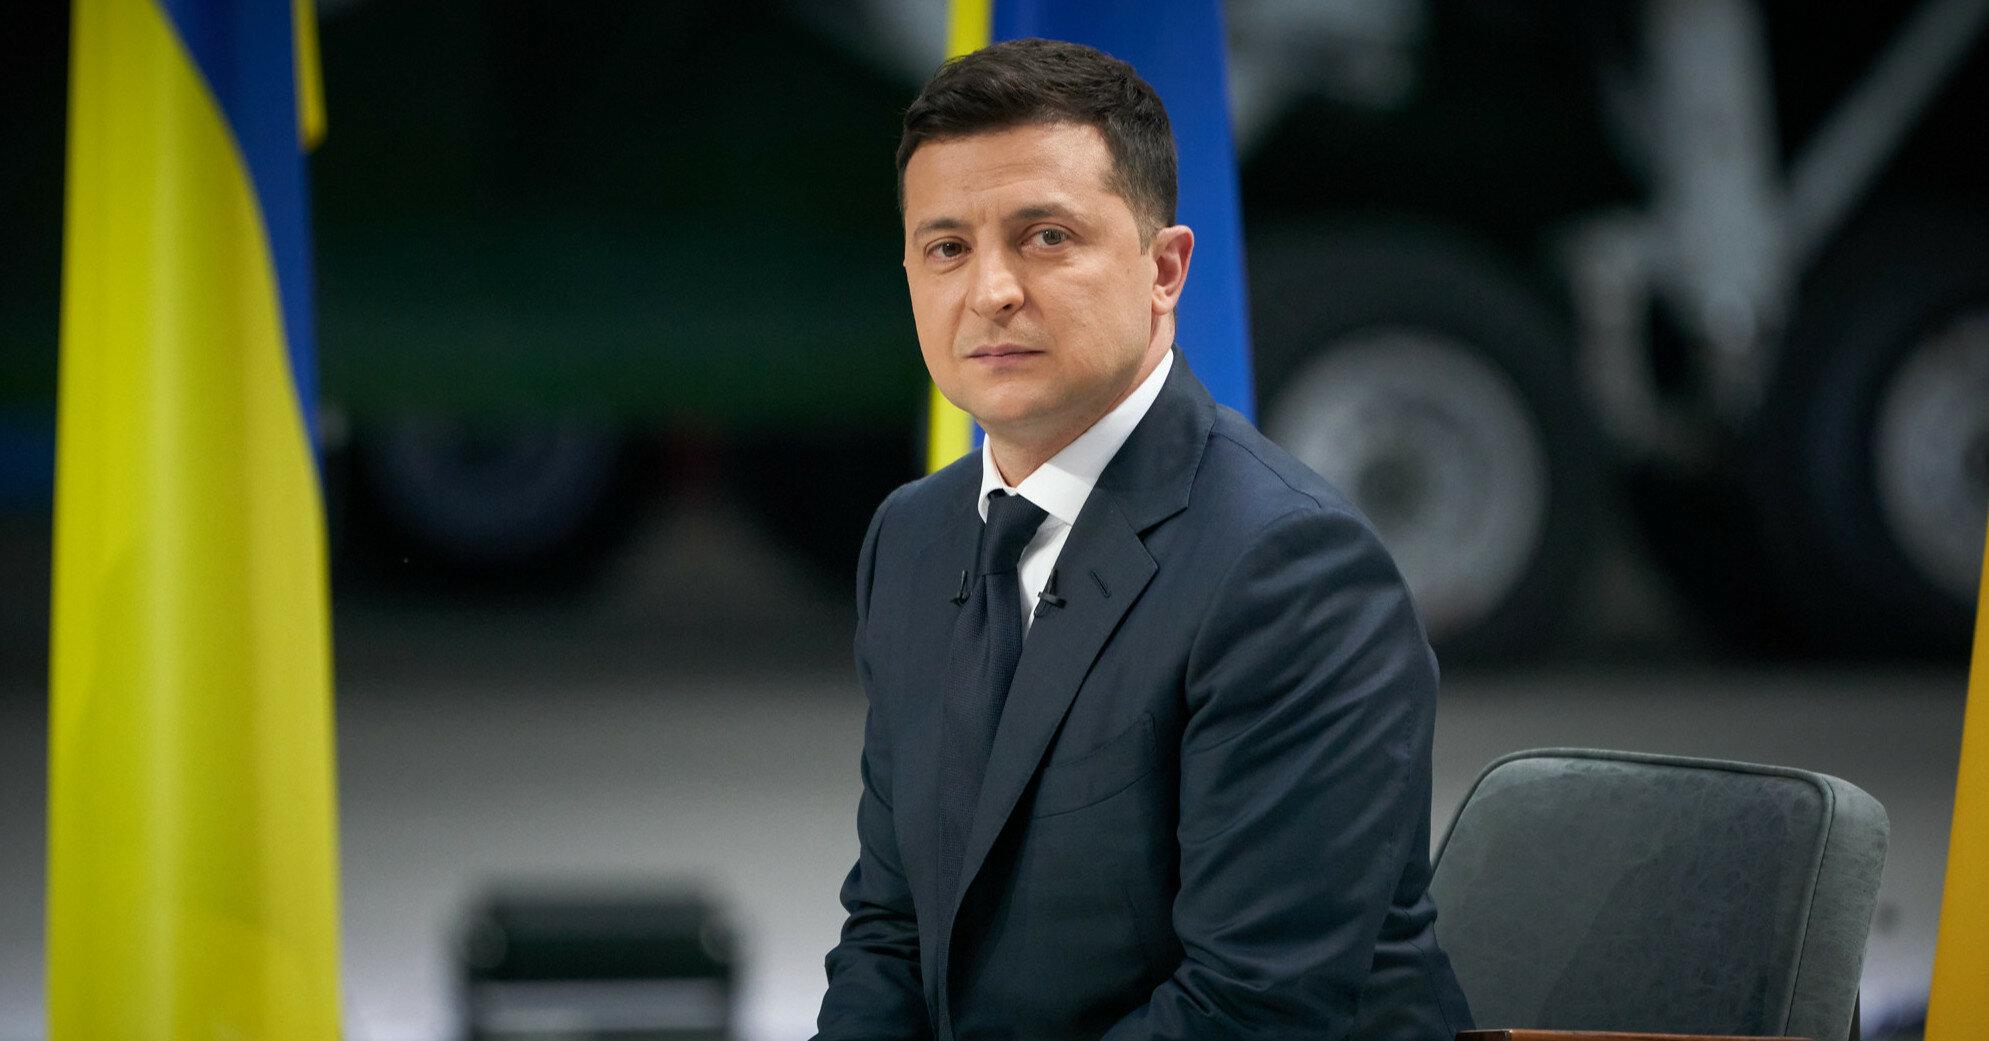 Зеленский ввел в действие решение СНБО о мирном урегулировании